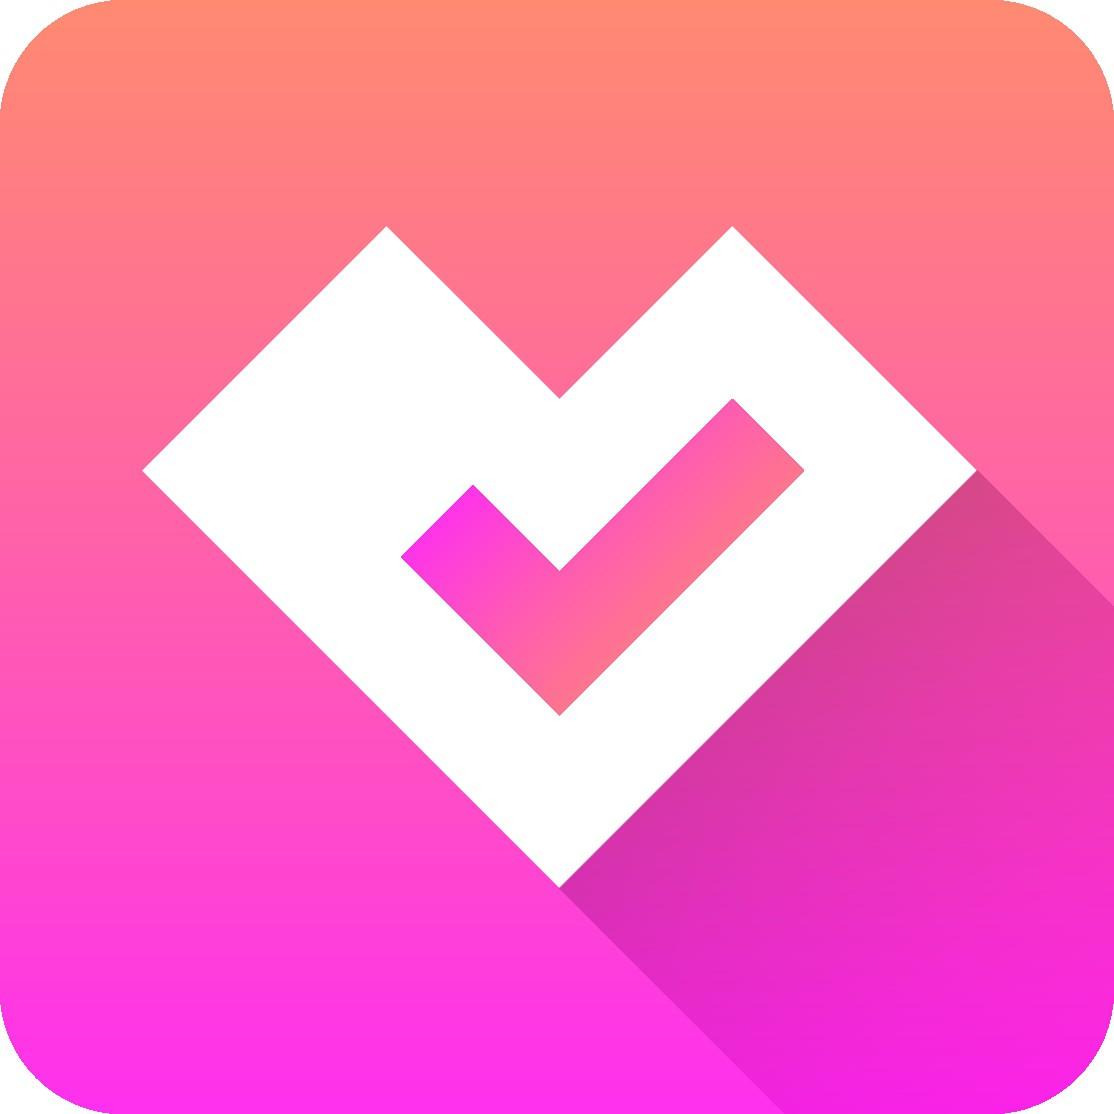 Simple Modern Logo For App That Tracks Your Feelings